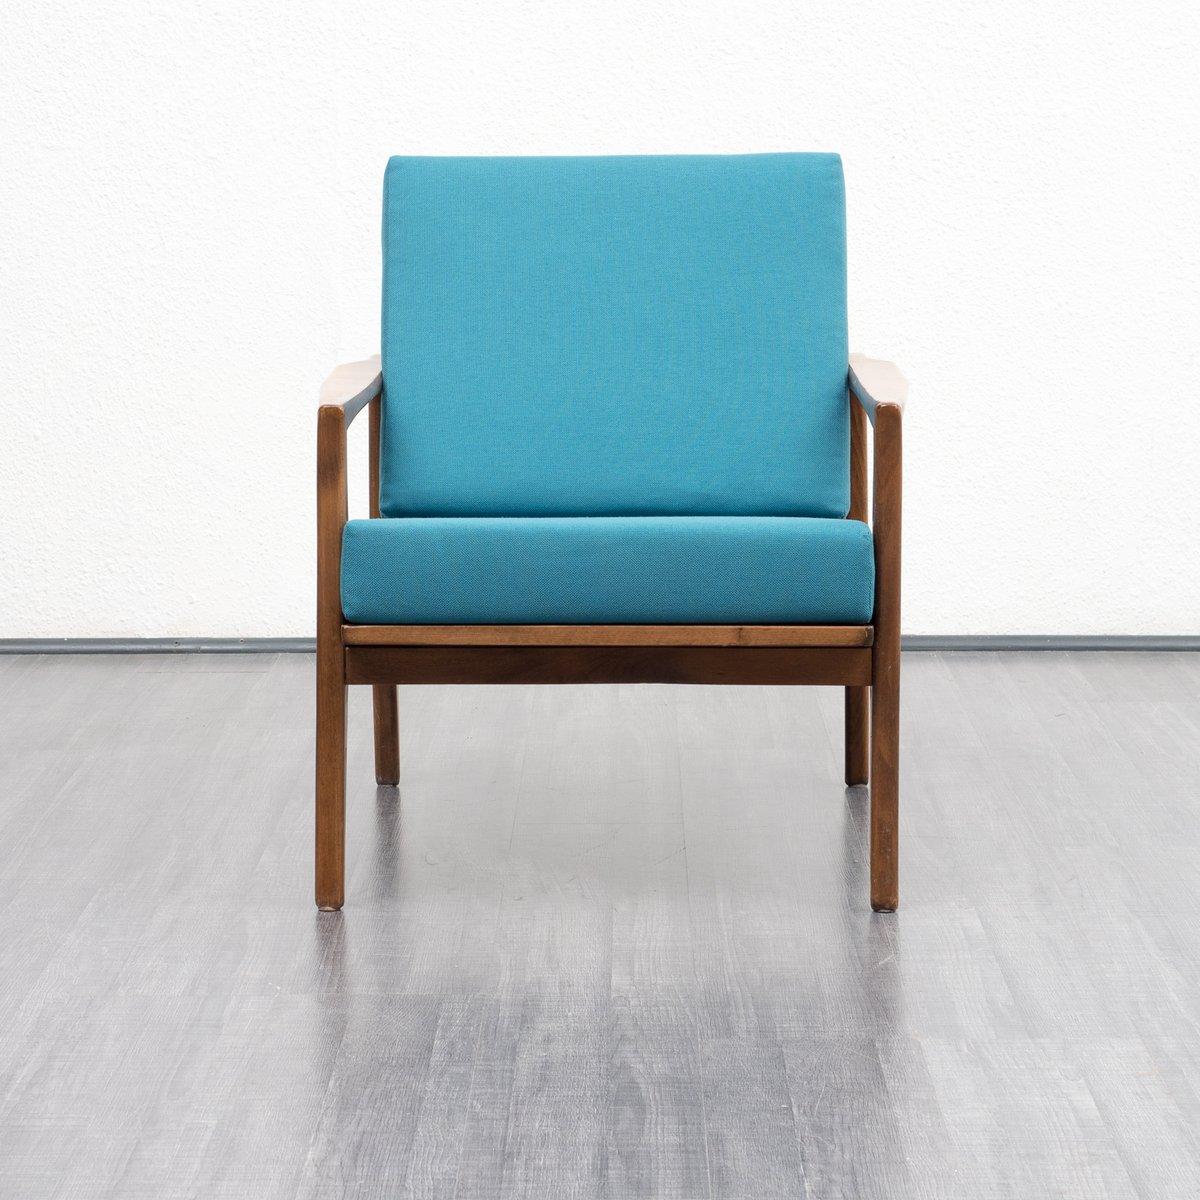 vintage sessel 1960er bei pamono kaufen. Black Bedroom Furniture Sets. Home Design Ideas